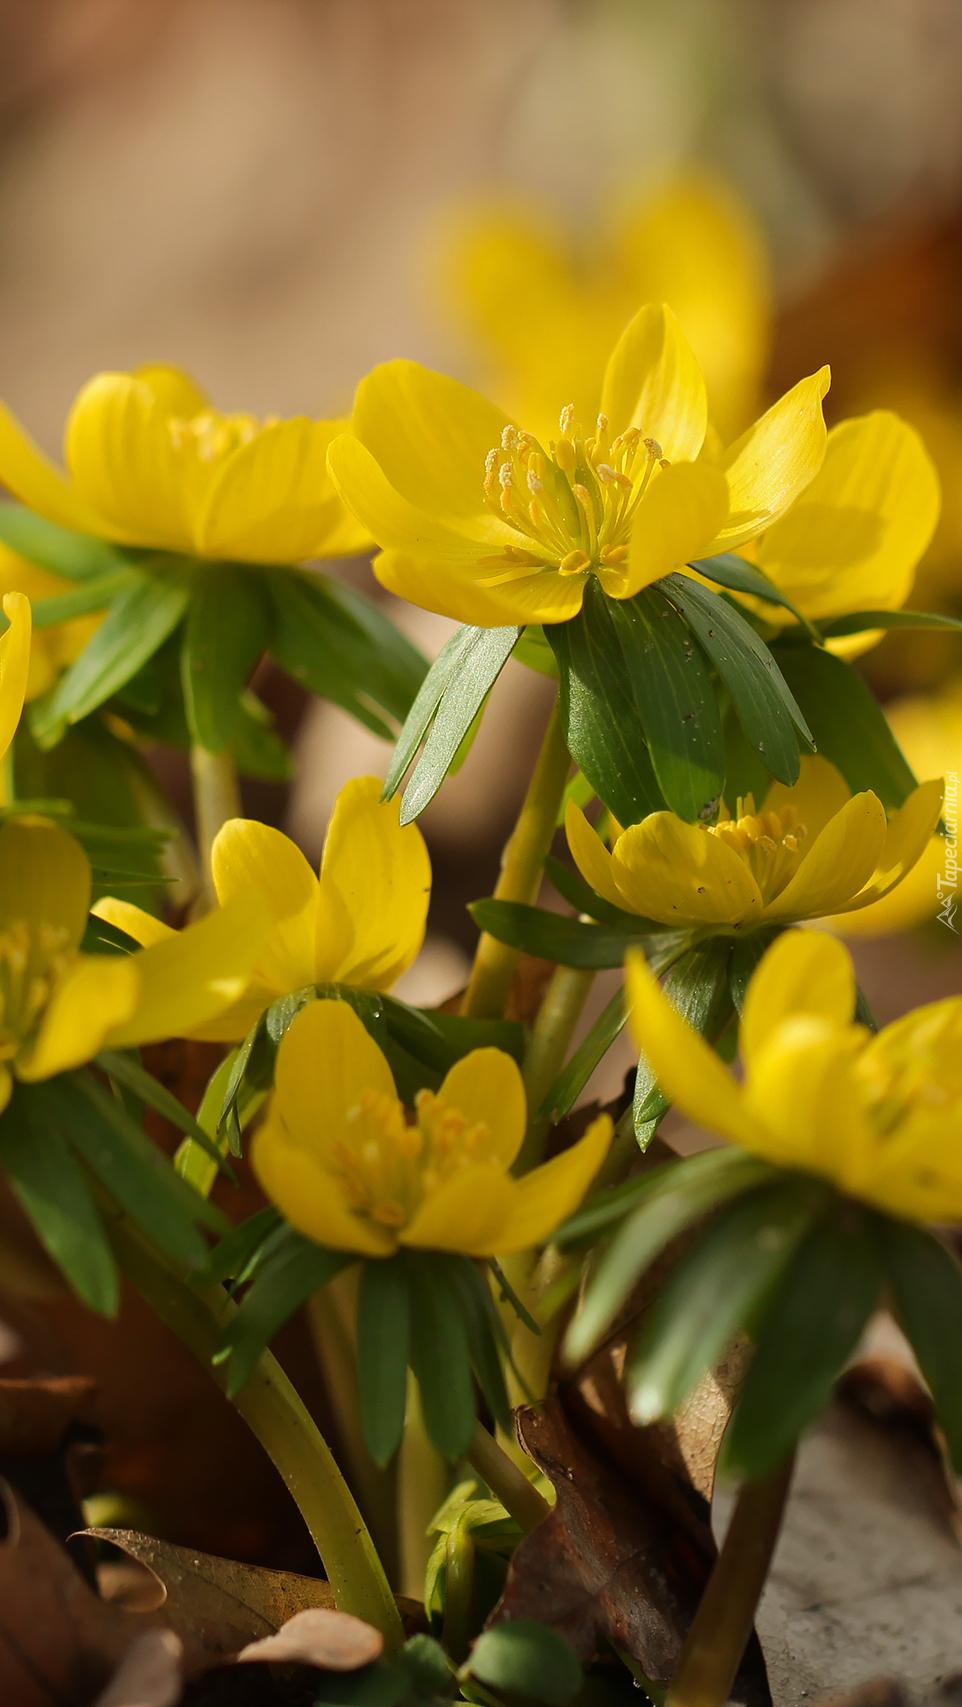 Kępka żółtych kwiatów rannika